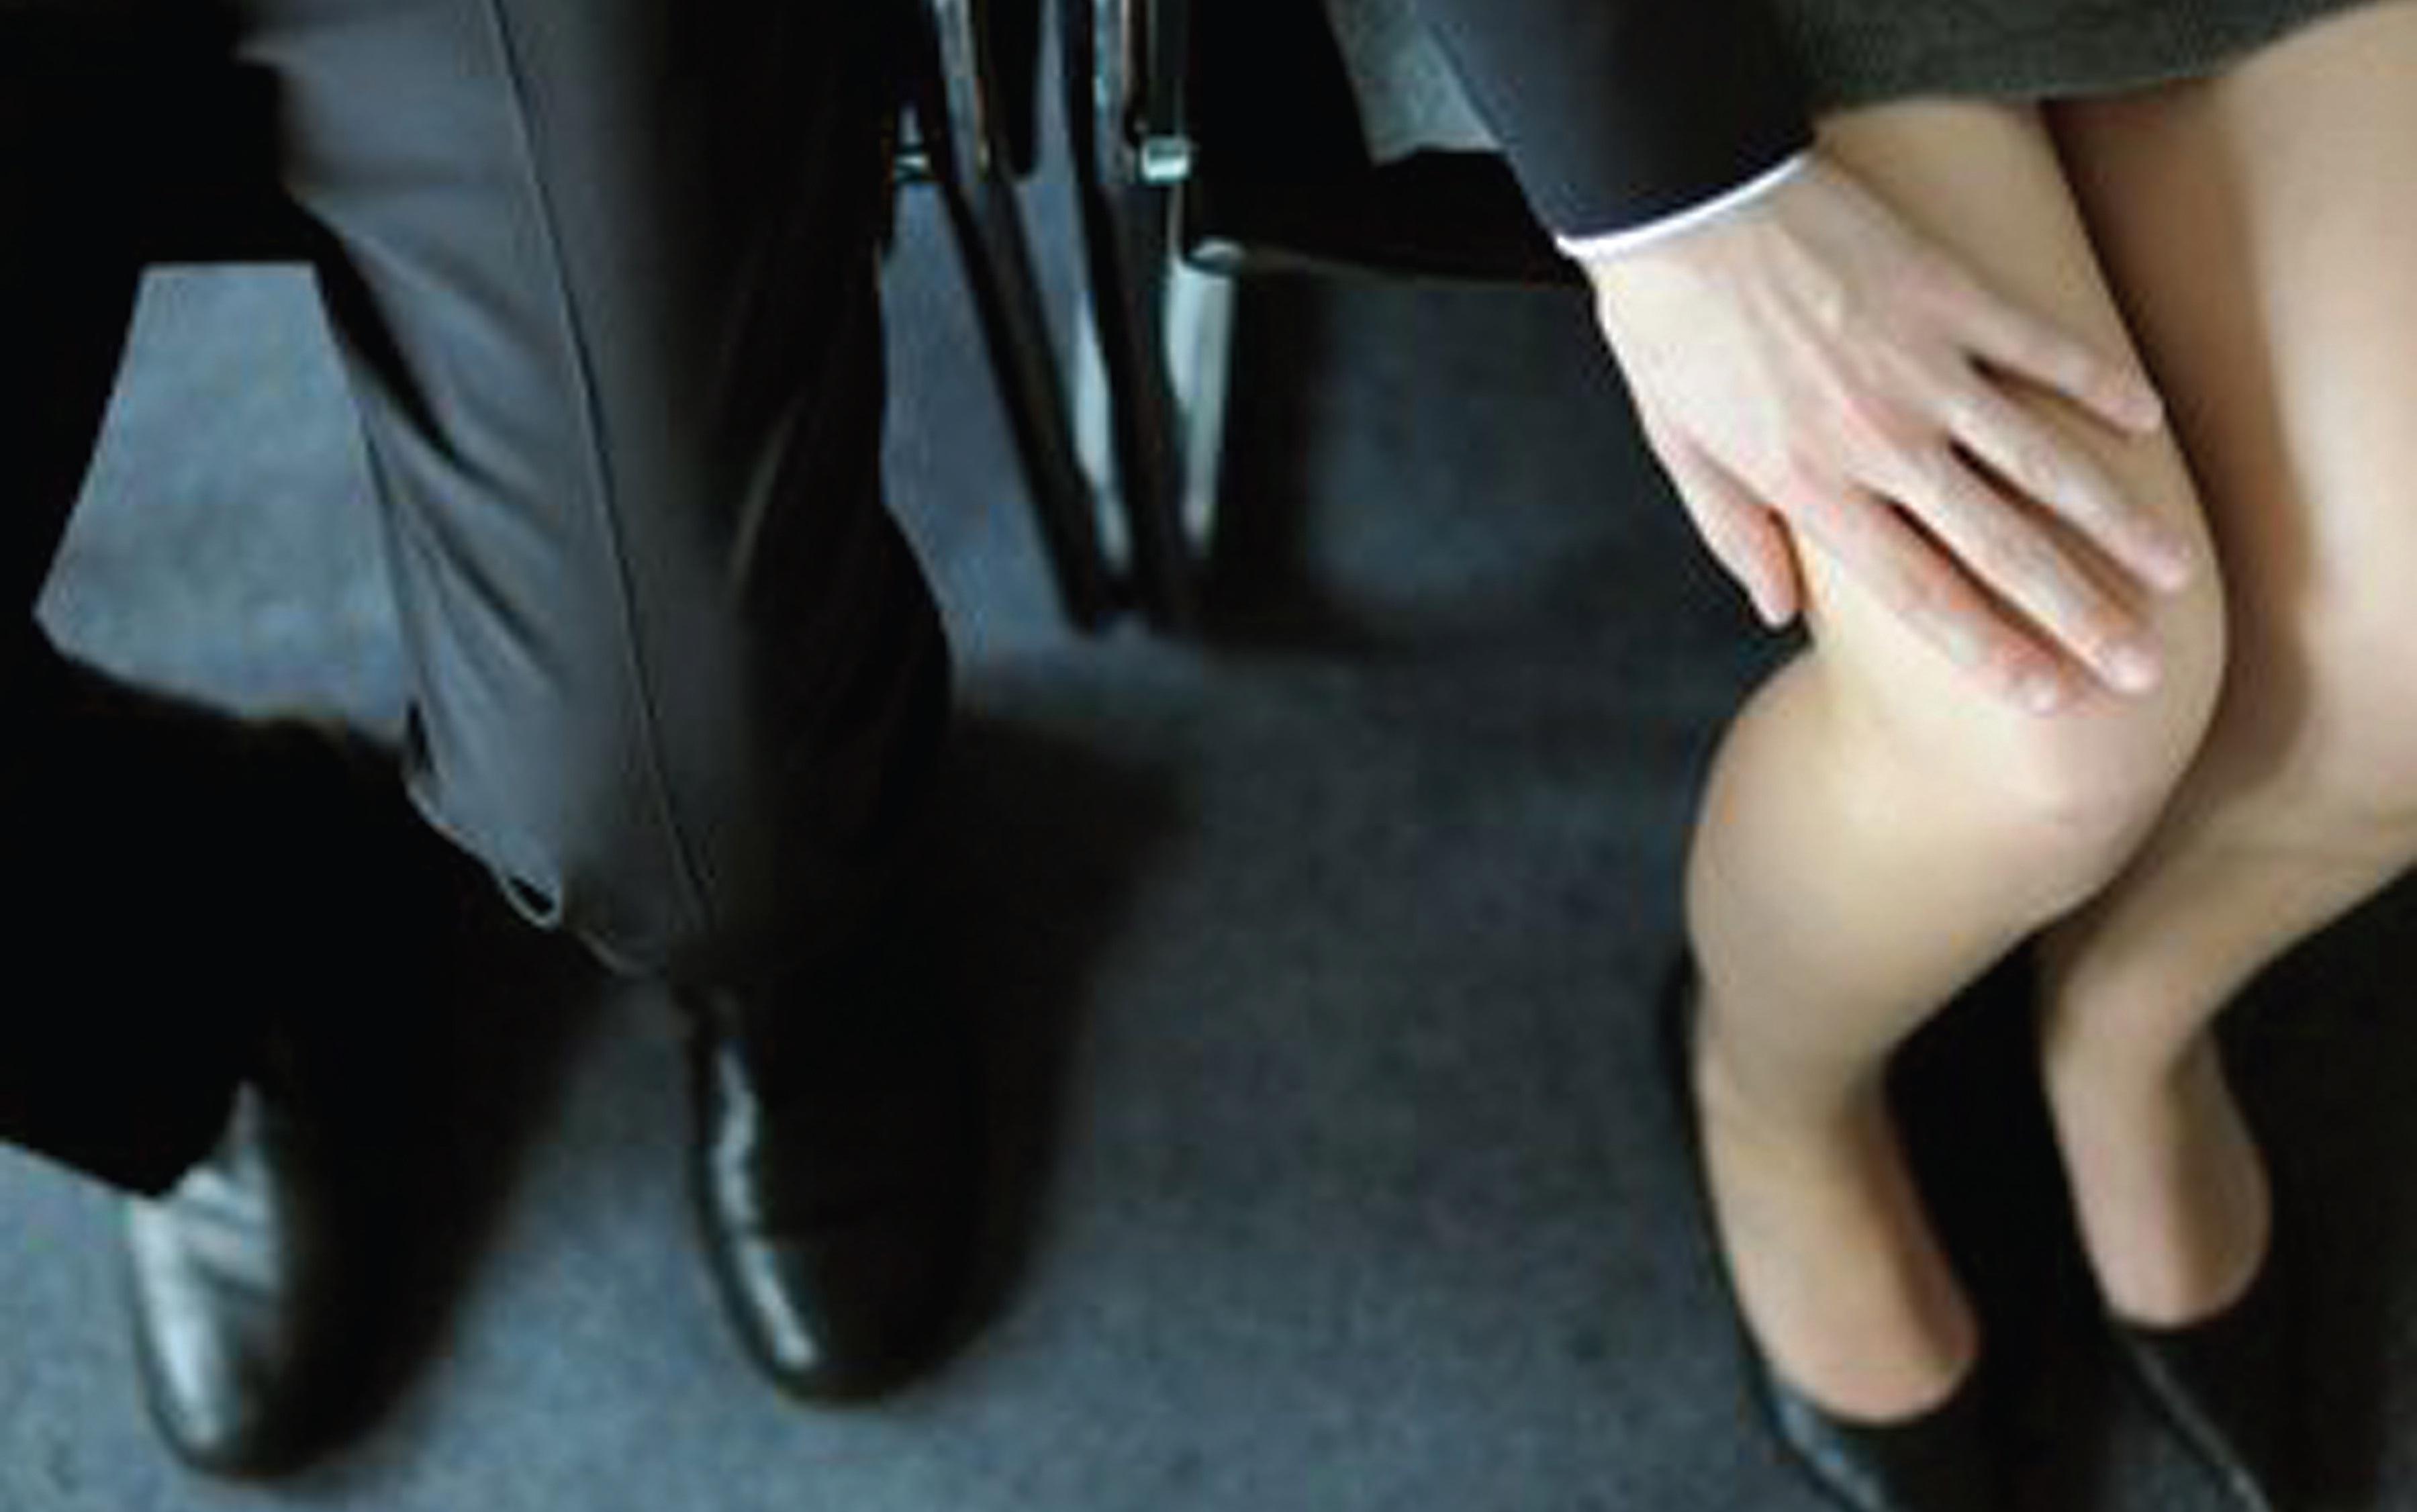 La nouvelle définition du harcèlement sexuel, adoptée le 6 août dernier, précise le délit et renforce la prévention et l'information dans les entreprises.